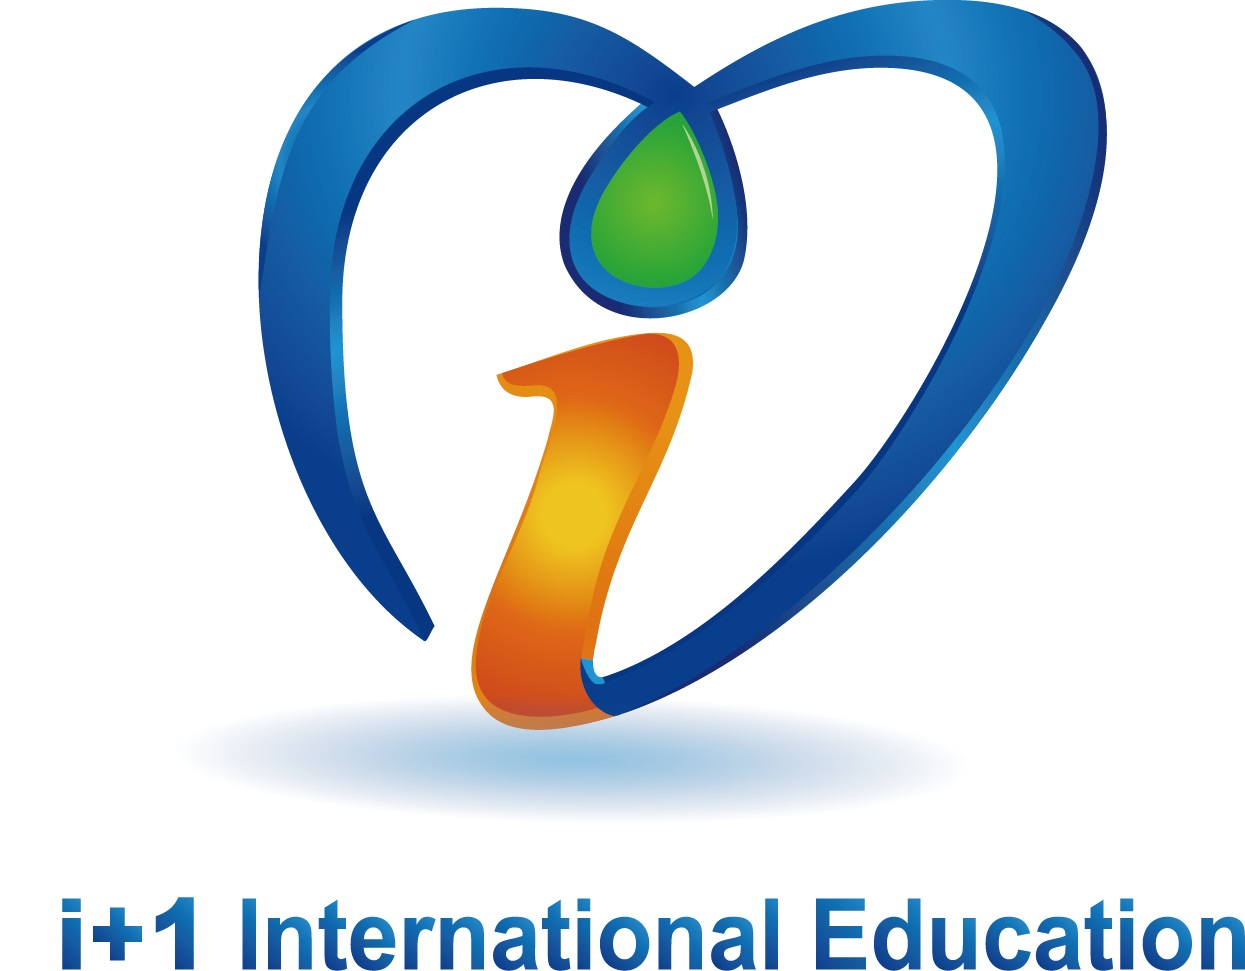 爱加壹国际教育加盟